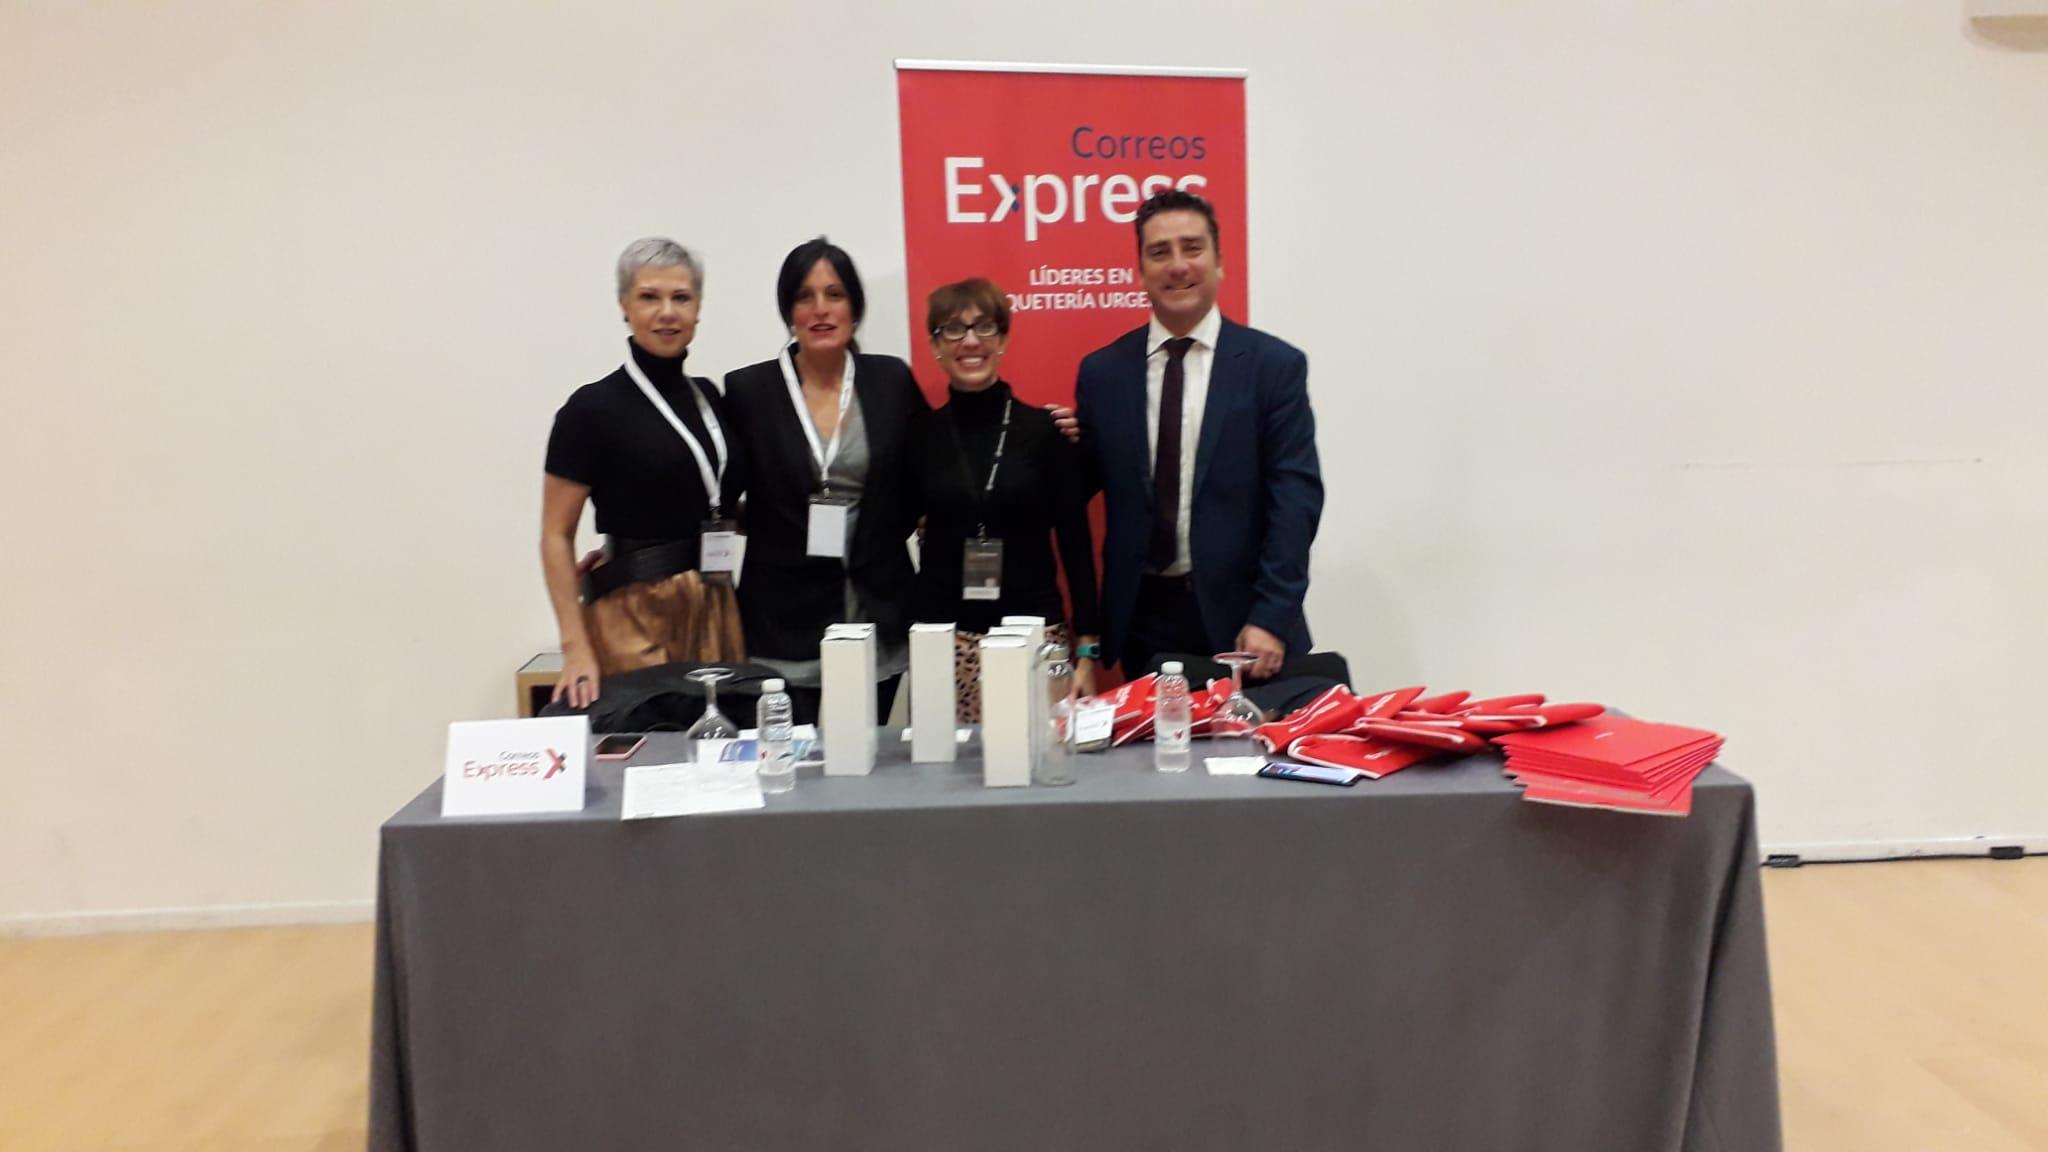 Correos Express participa en el ADN Pymes de Logroño